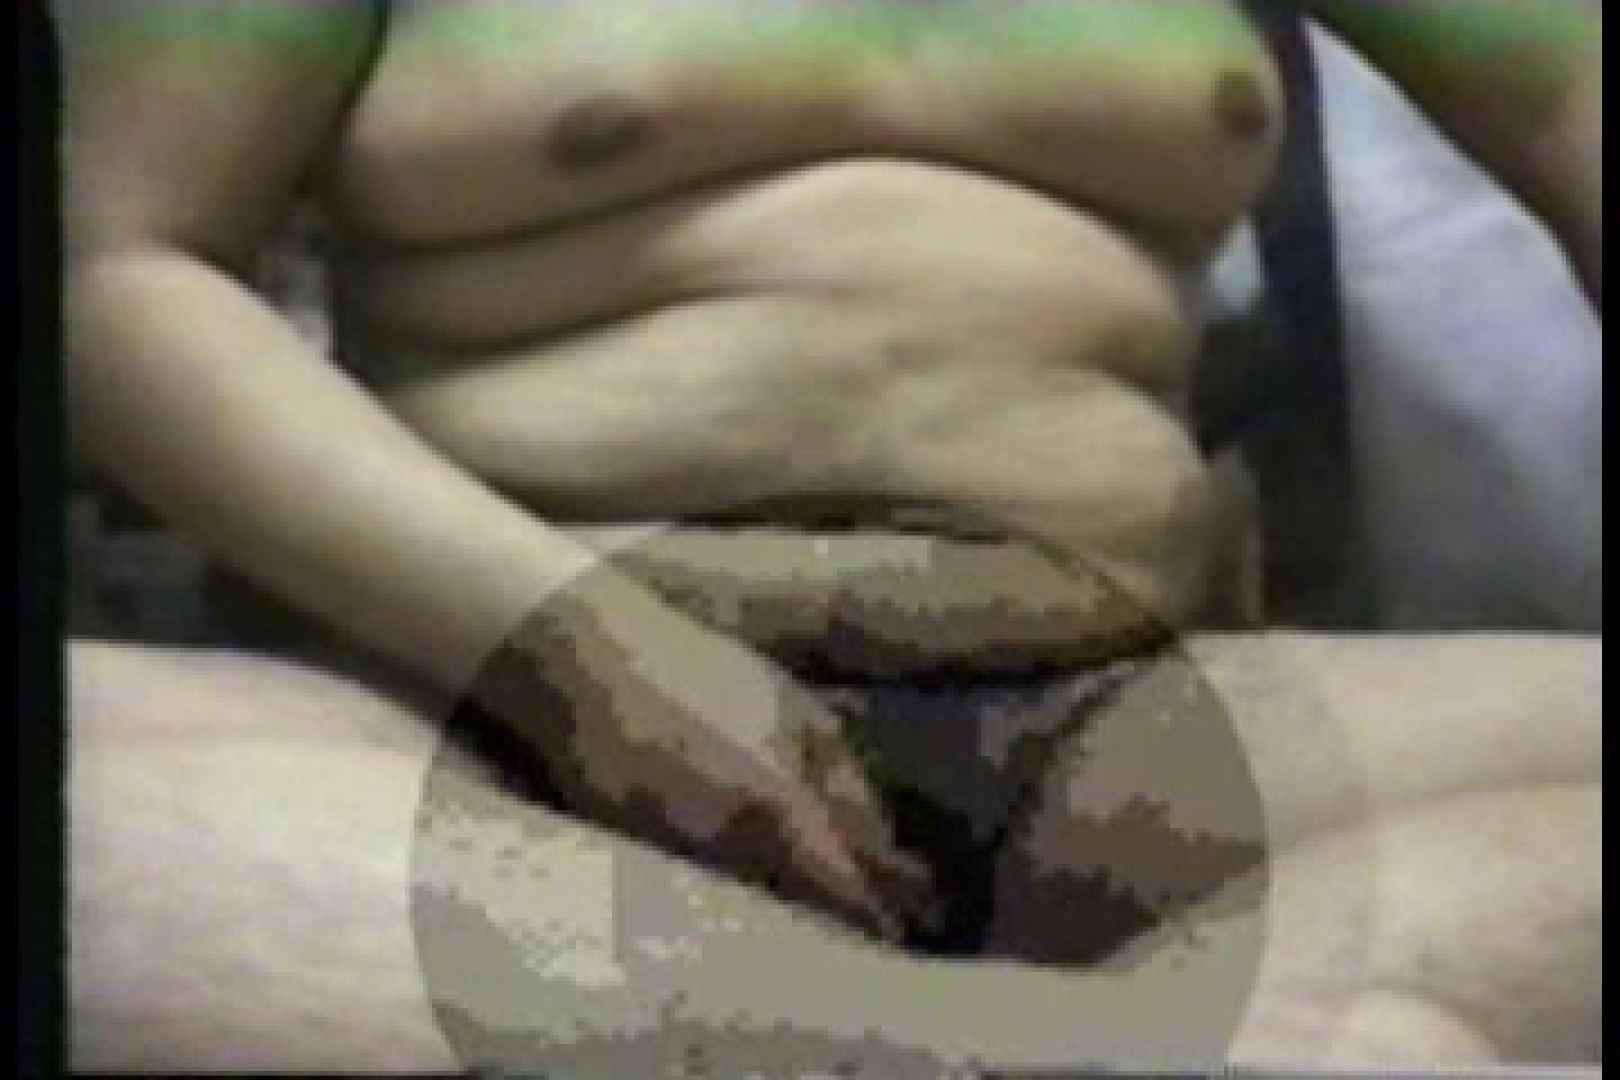 太った男じゃダメですか?06 おやじ熊系な男たち ゲイフリーエロ画像 97連発 48